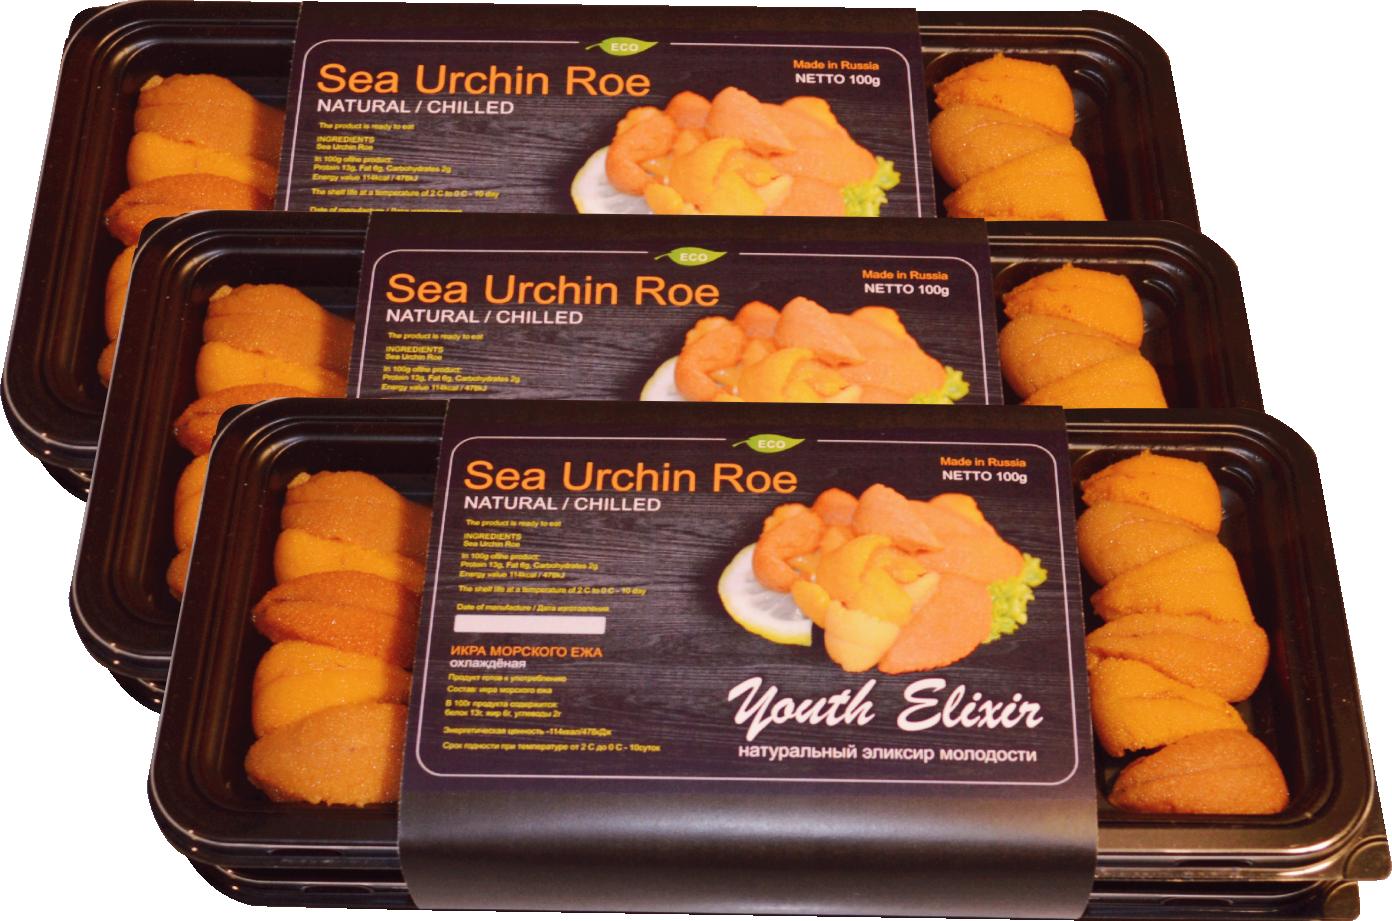 水産物グルメ(ウニ)の包装優れた技術がウニの高品質を保証